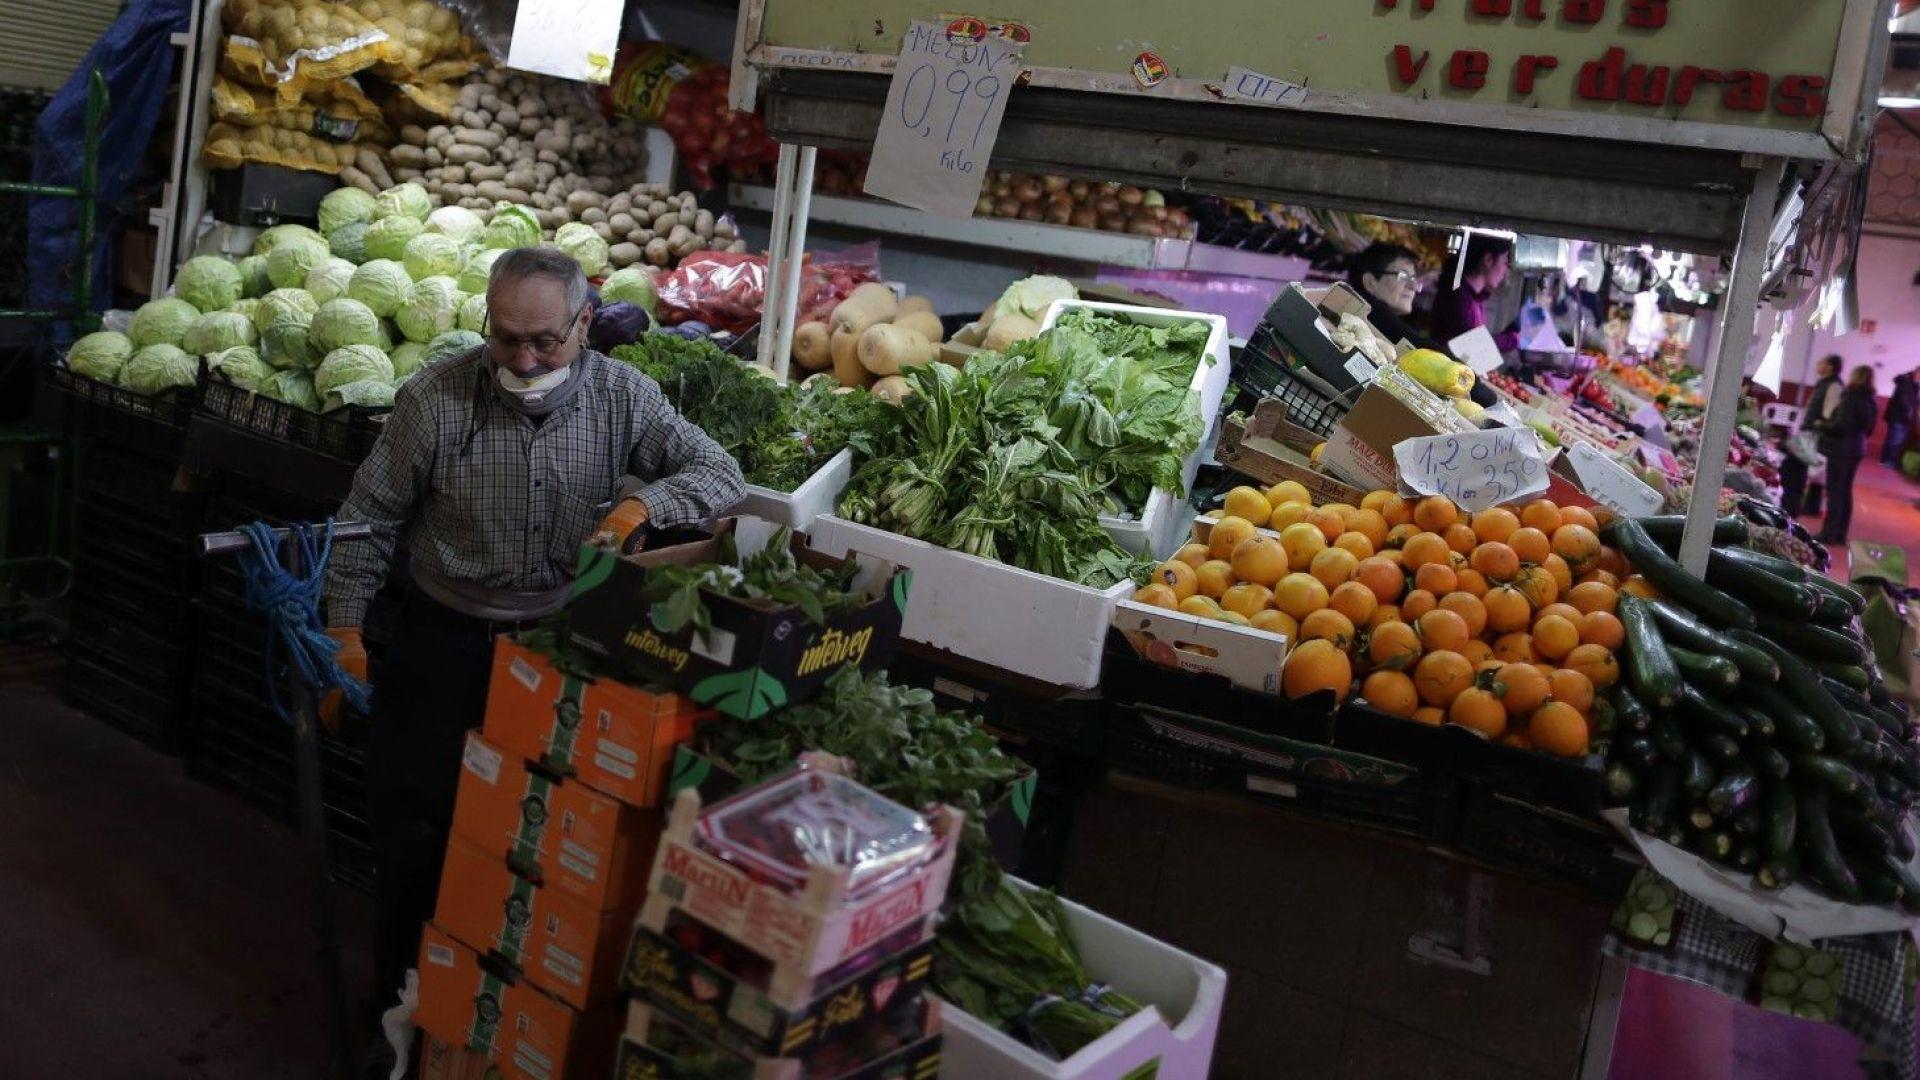 След Италия и Испания спира бизнеса, който не е от първостепенно значение